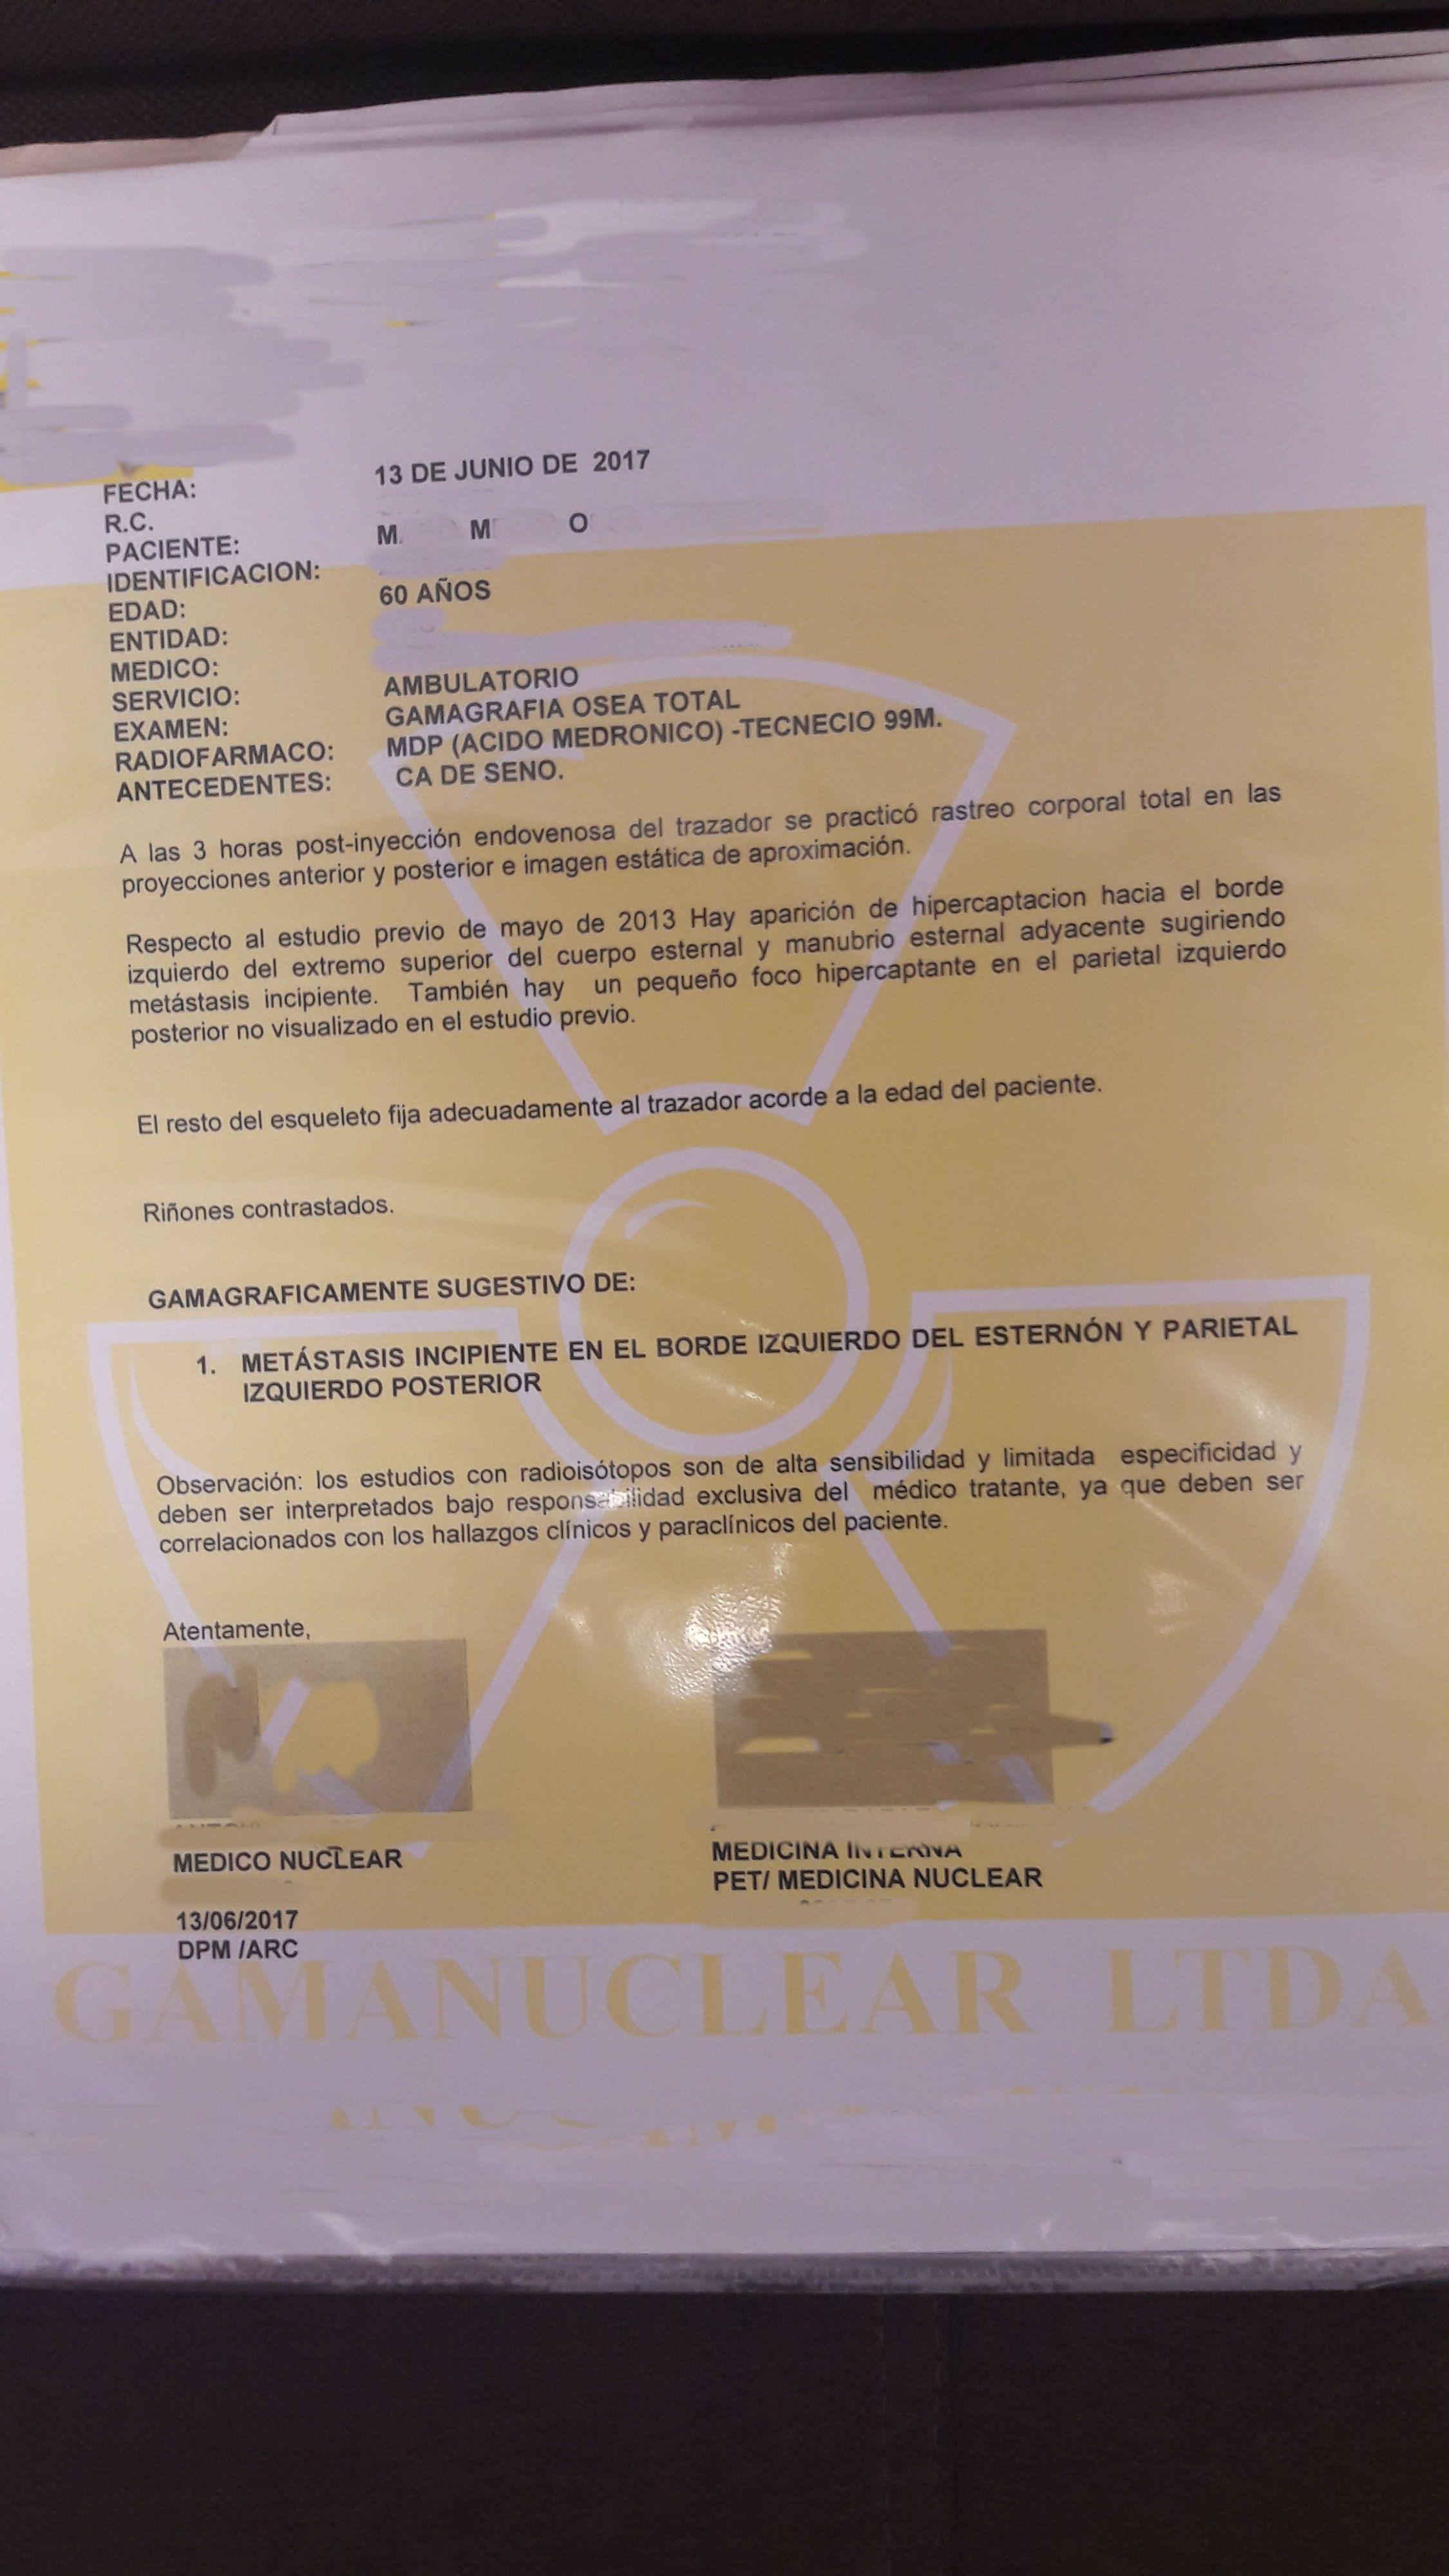 LifEscozul® - M.M.O. 2 - Cáncer de Mámas